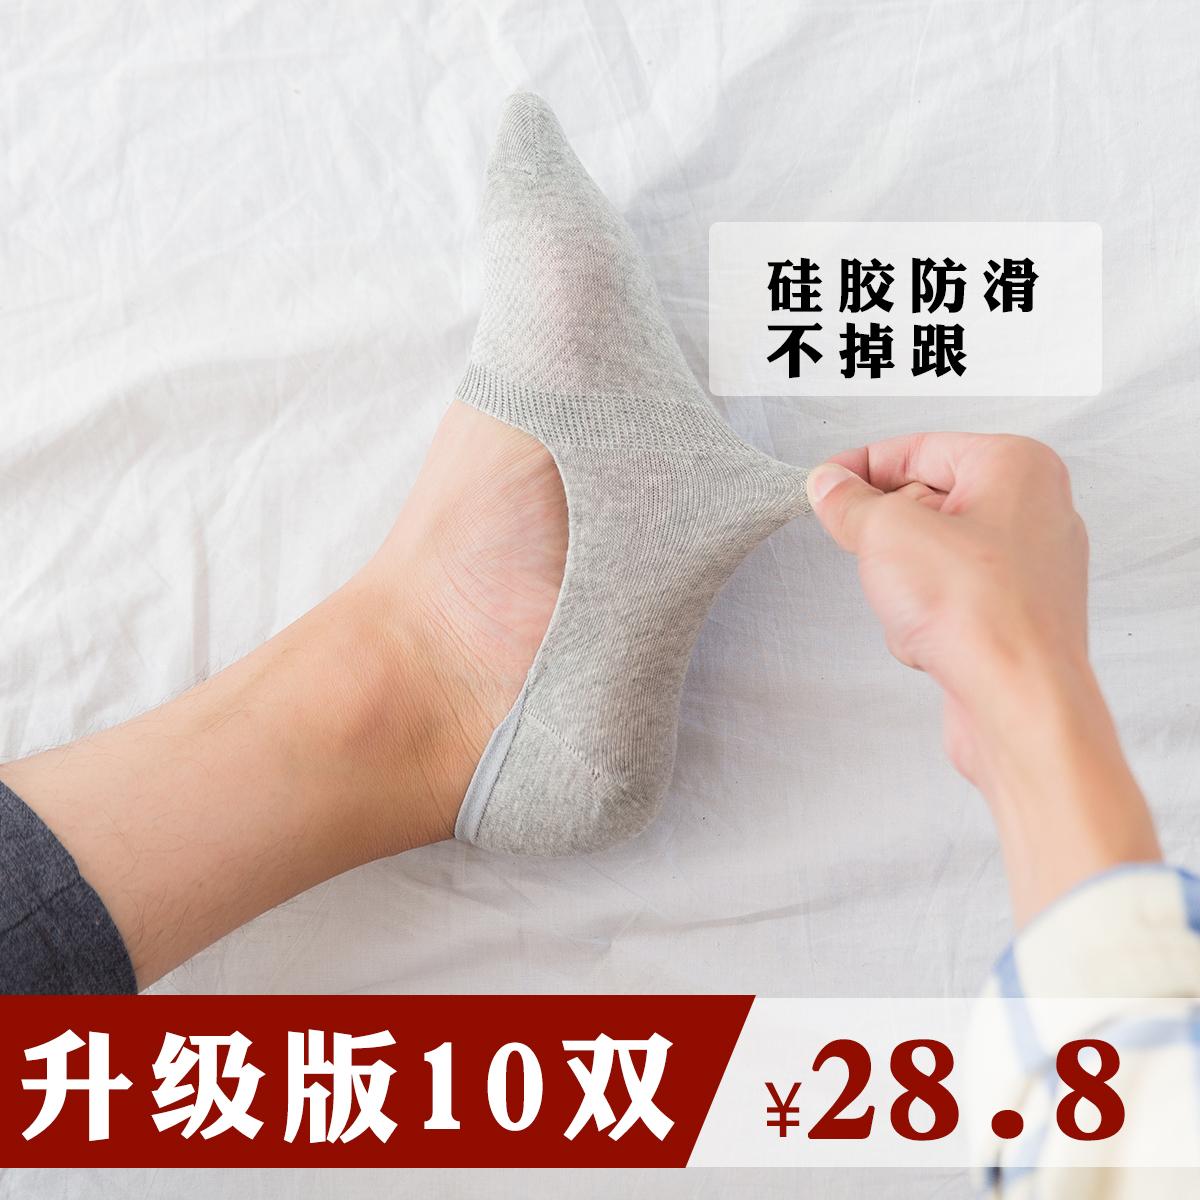 10双原足隐形袜男夏季纯棉袜子男短袜防滑船袜男士袜浅口低帮薄款